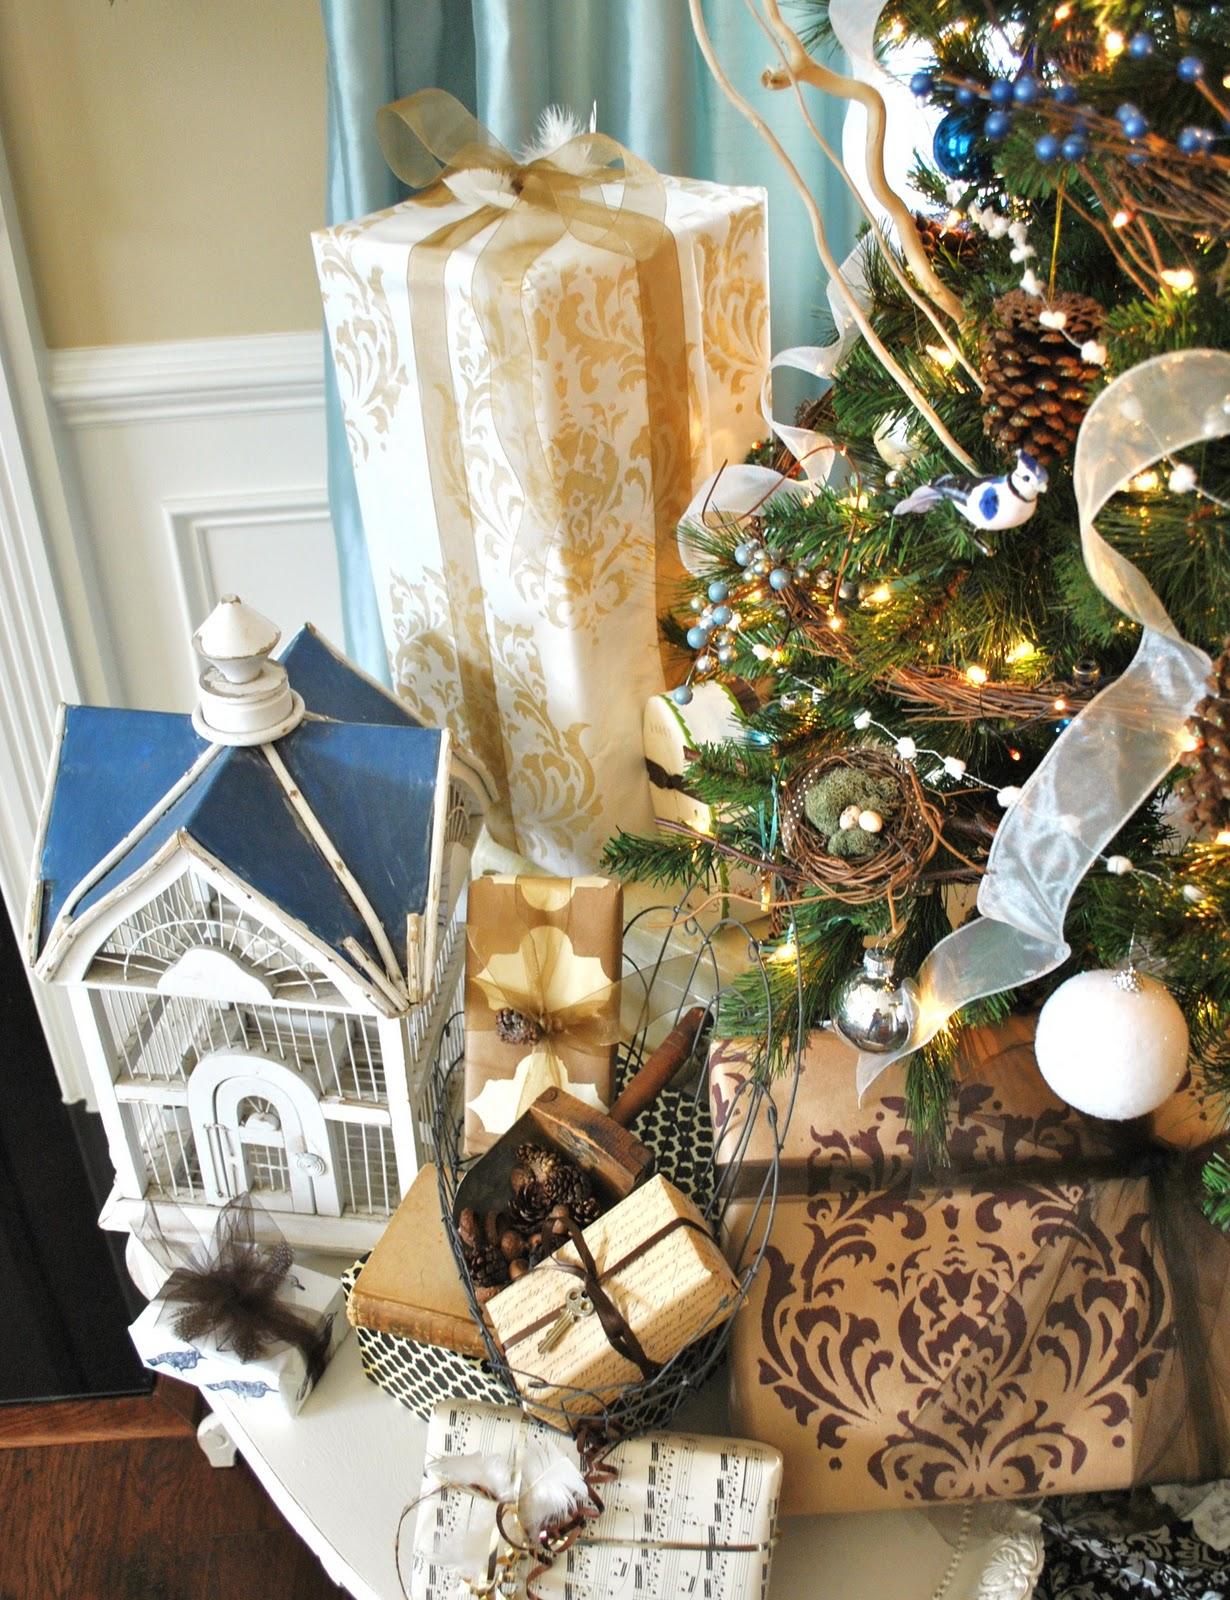 http://3.bp.blogspot.com/-zfpF9lksZa4/TuAmu9yjPPI/AAAAAAAABUQ/YiTnUpQXcoM/s1600/Assorted+gifts+2.JPG